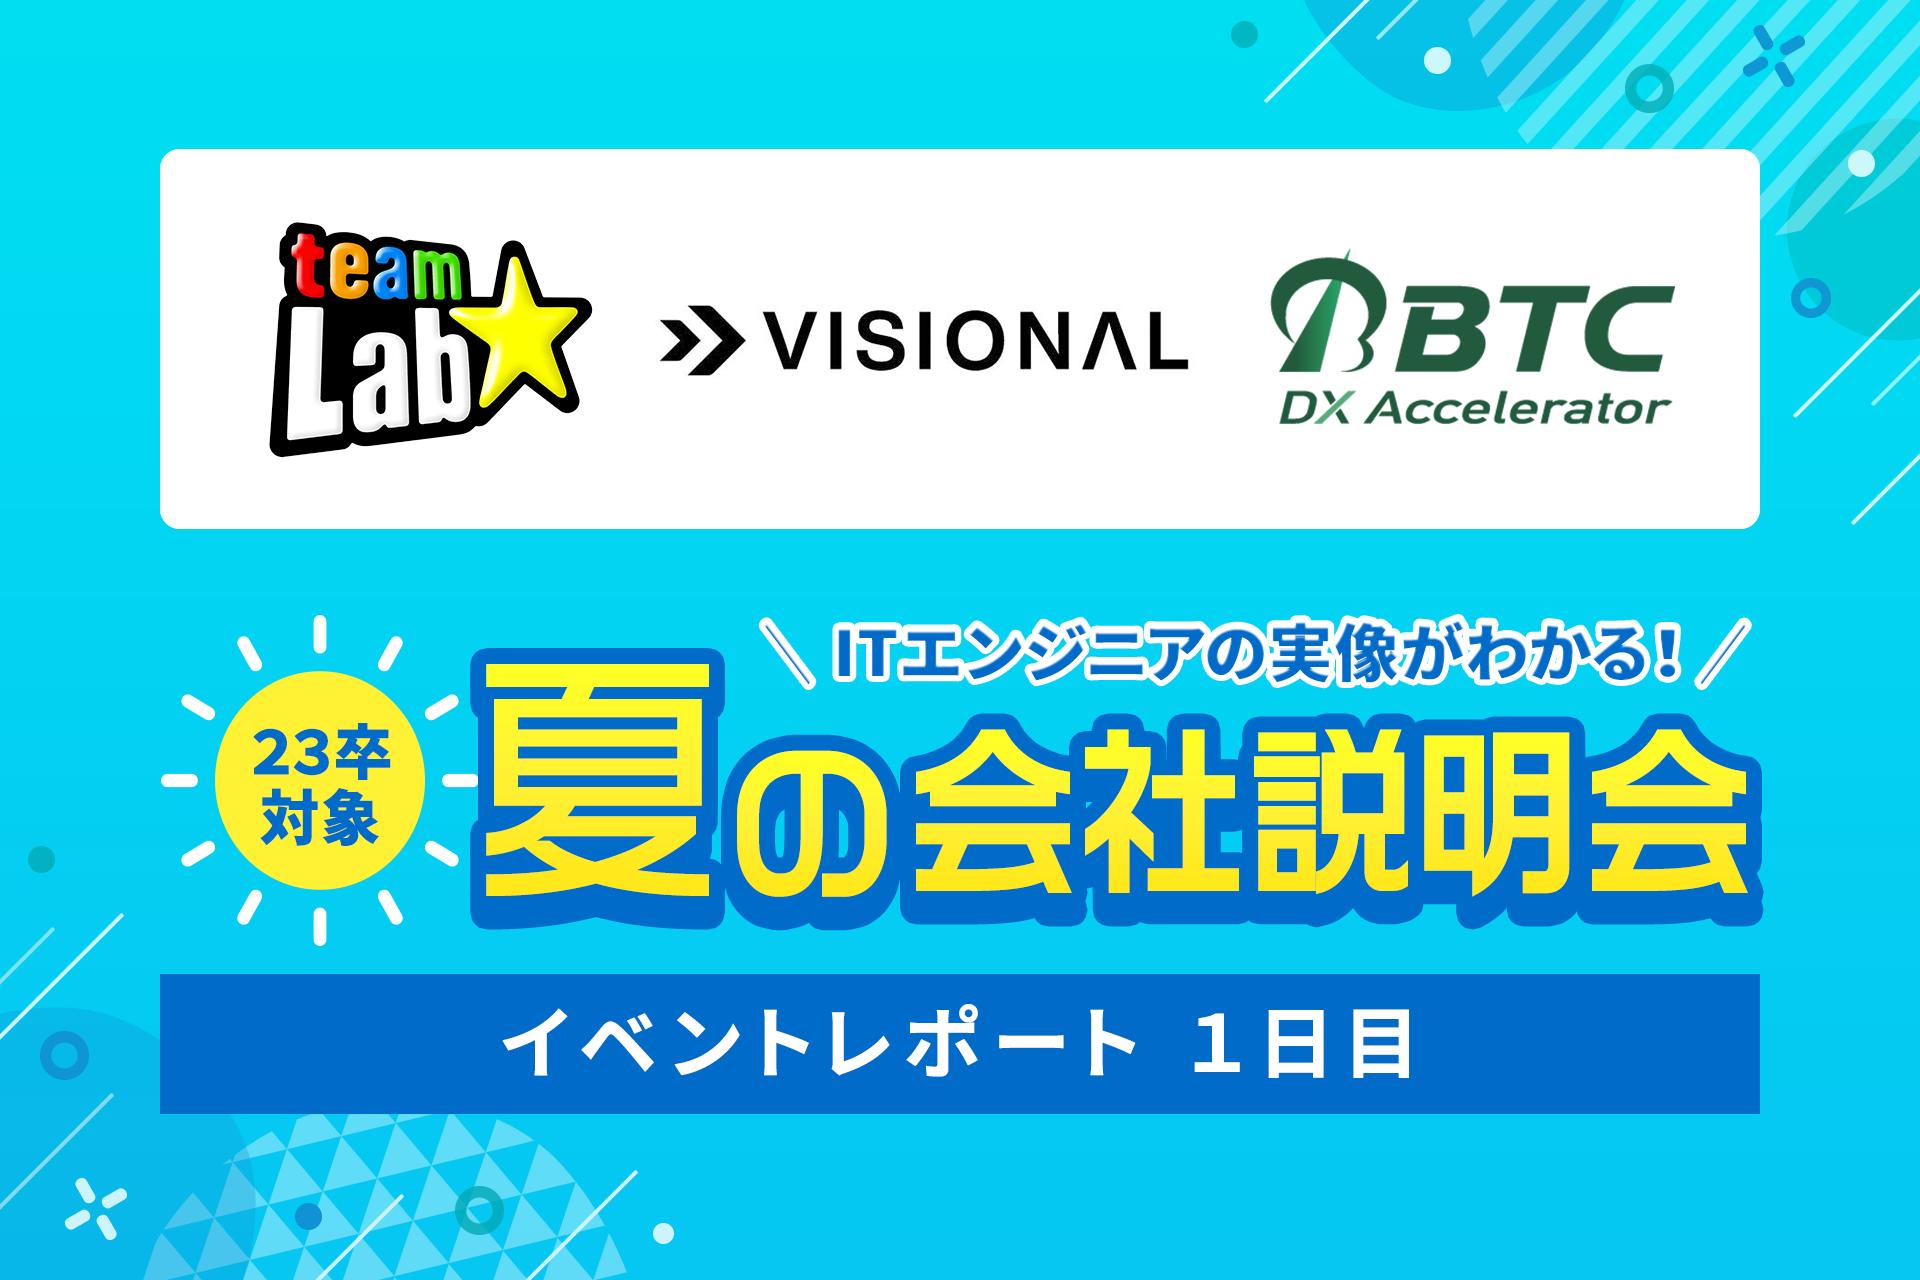 『【イベントレポート】23卒合同説明会イベント 1日目:チームラボ・Visional・BTCが登壇』のサムネイル